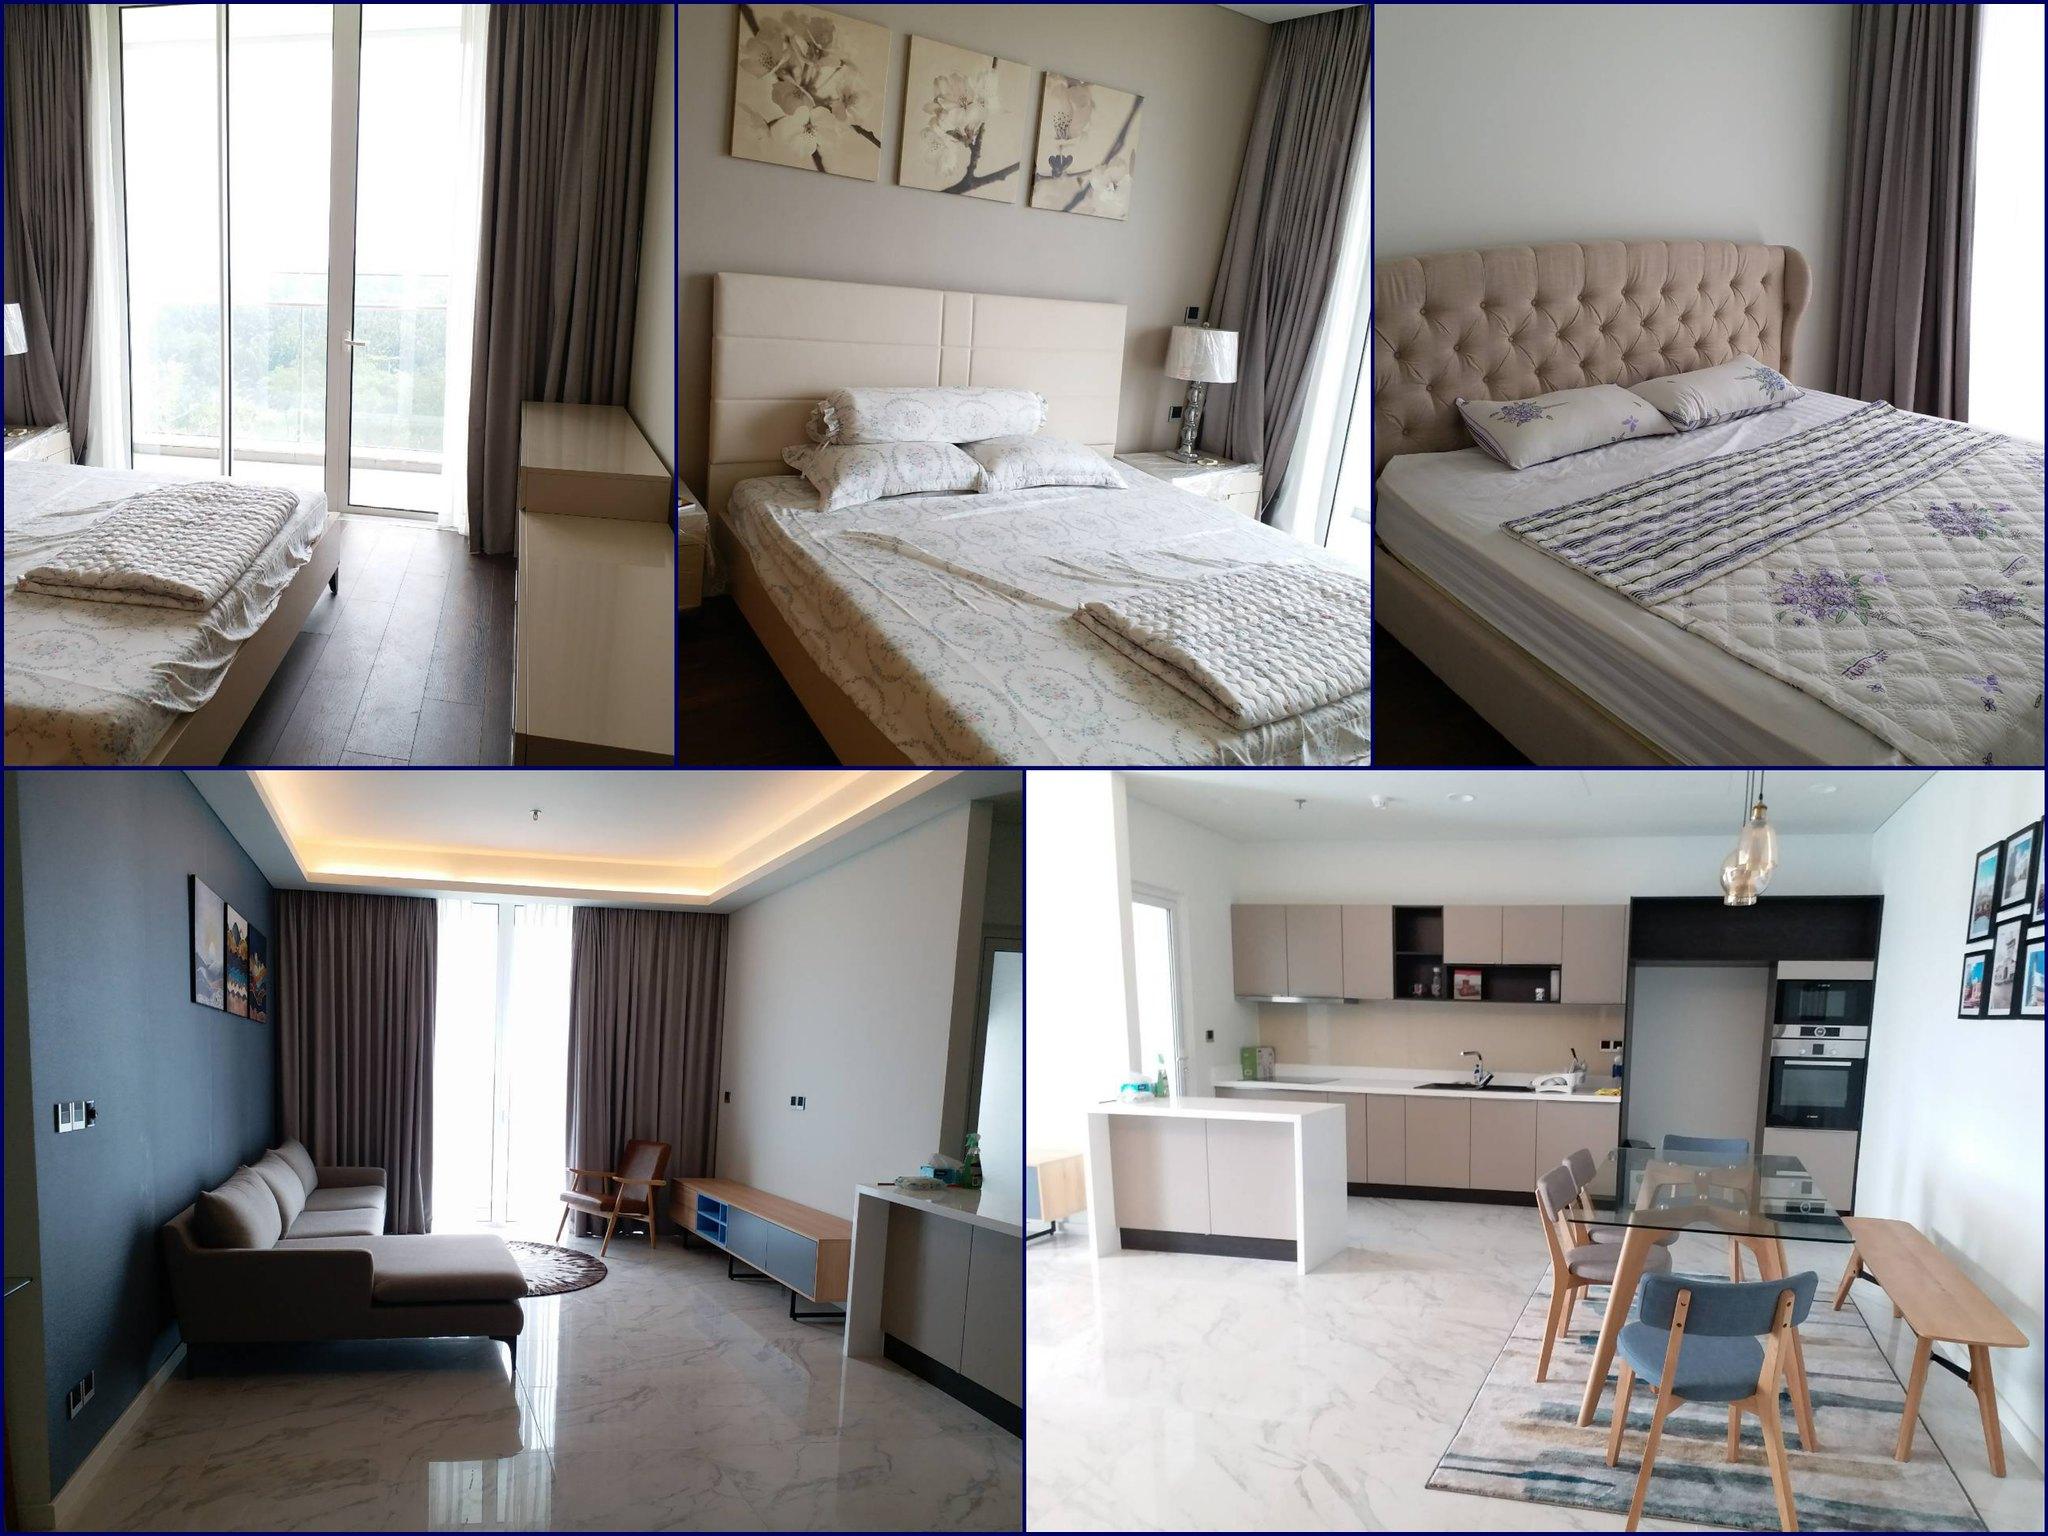 Hình ảnh thực tế căn hộ 3 phòng ngủ Sarica cho thuê